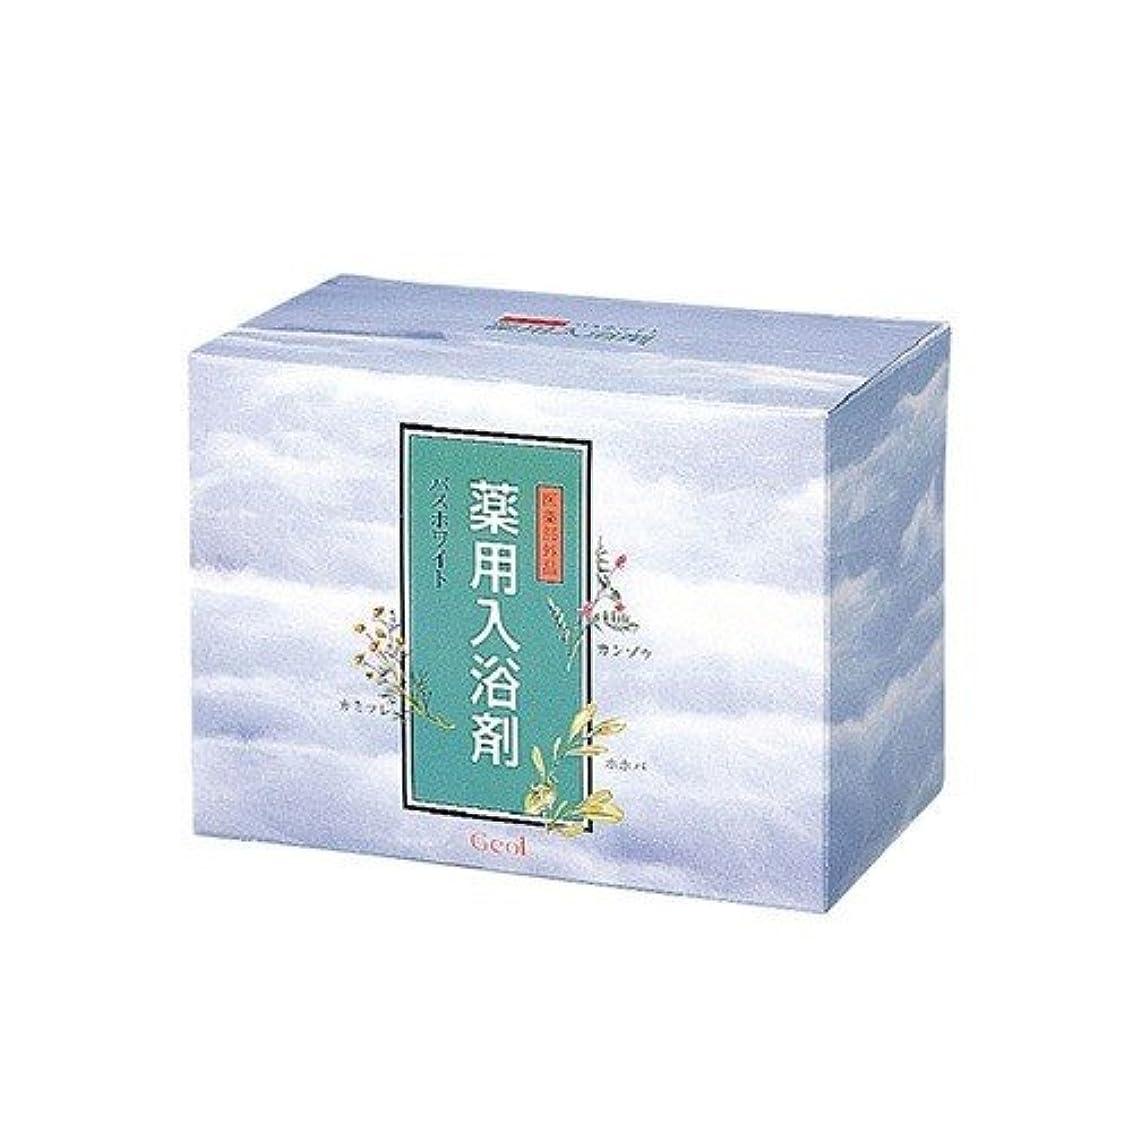 太平洋諸島購入狂ったゲオール 薬用入浴剤 バスホワイト 医薬部外品